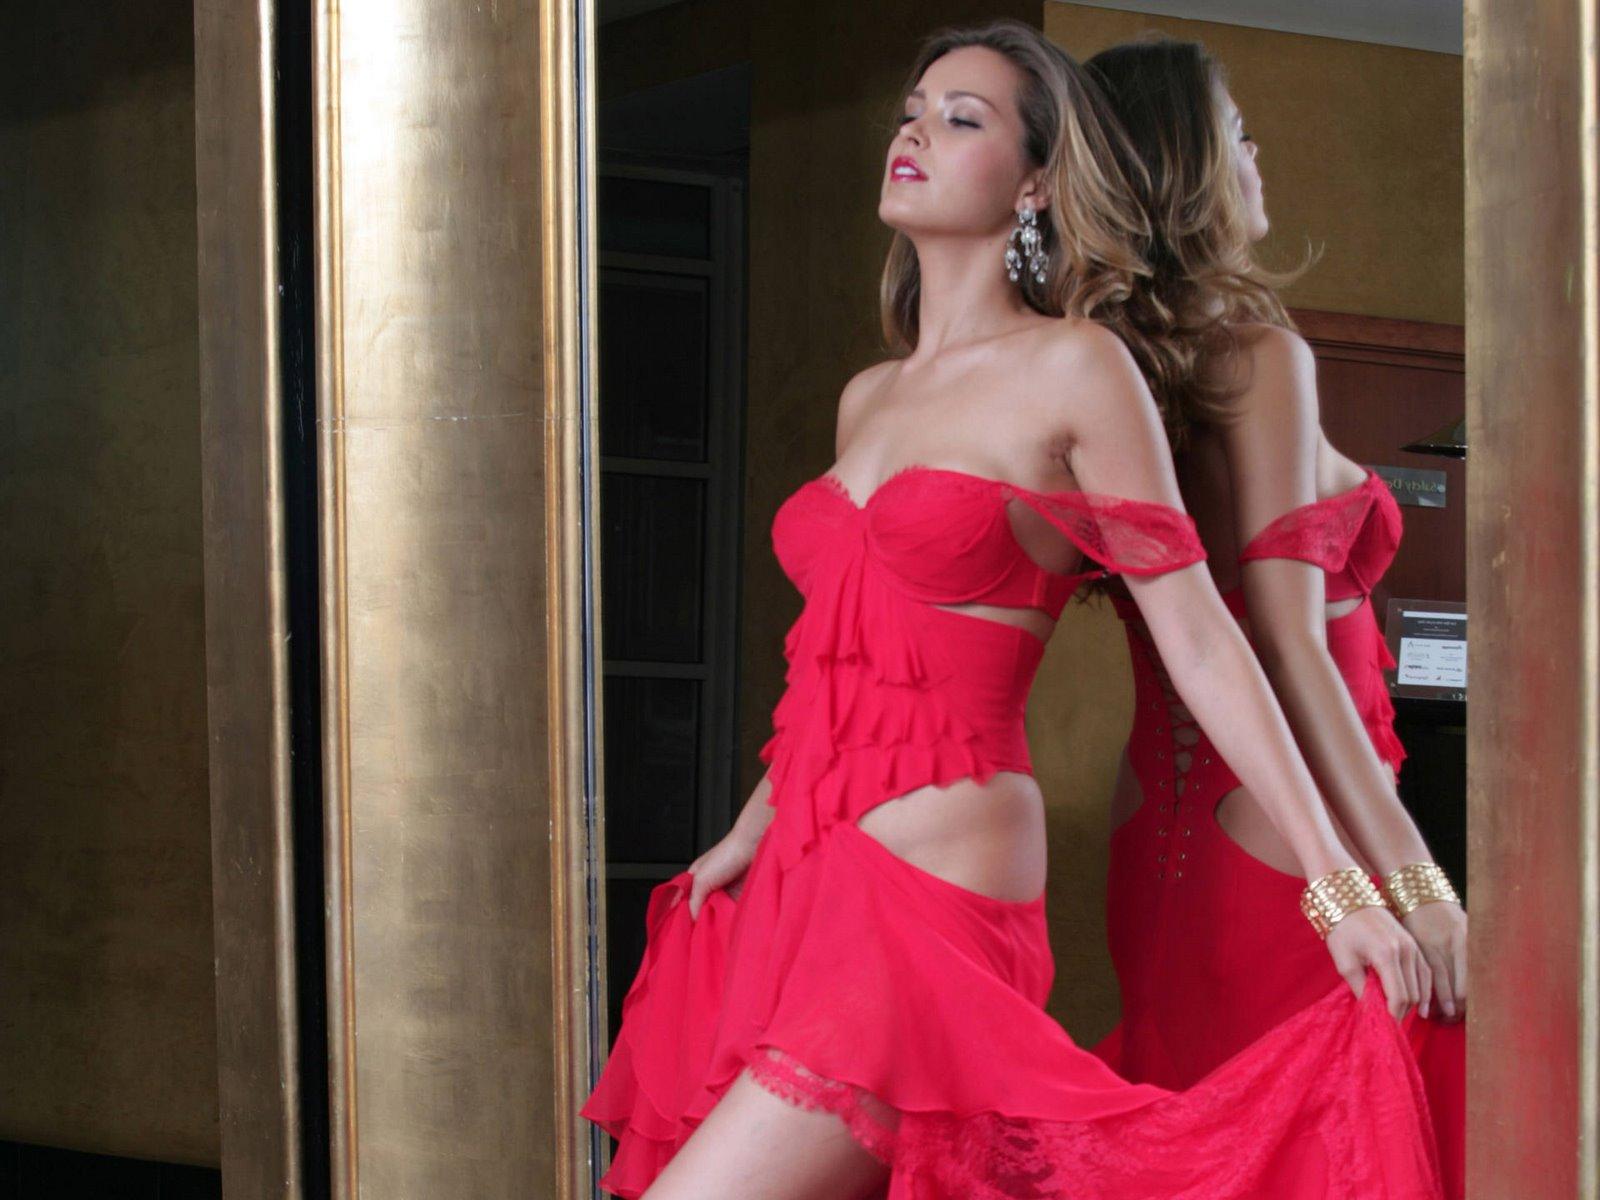 http://4.bp.blogspot.com/_Si7zjQmZnm4/SZxPCFTdWAI/AAAAAAAACGQ/AjtADQ9RQfo/s1600/Fullwalls.blogspot.com_Petra_Nemcova%2815%29.jpg